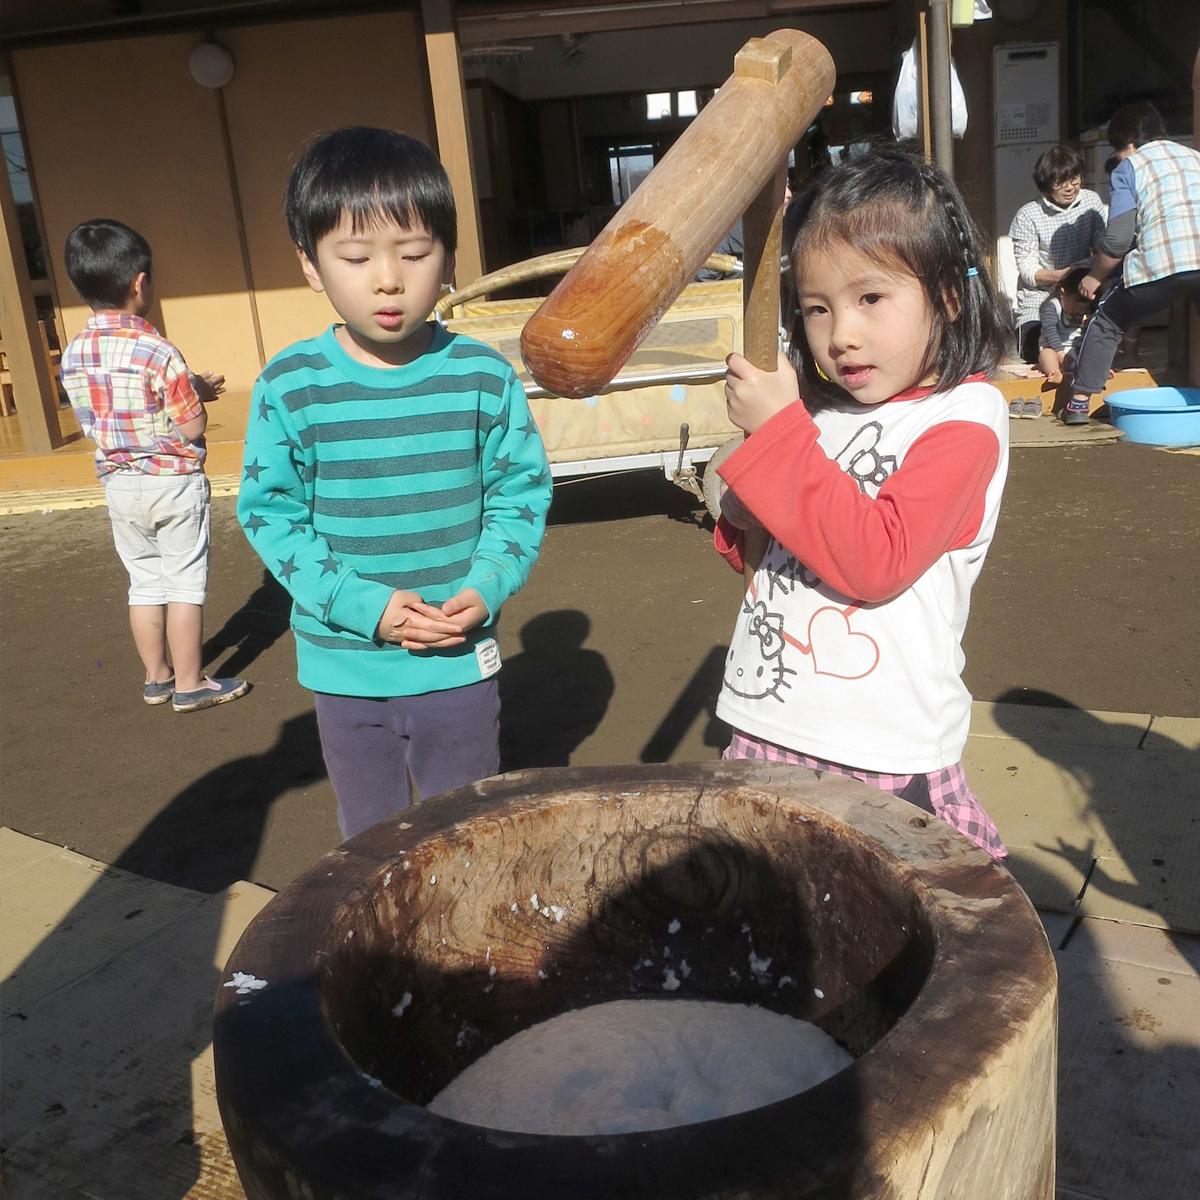 所沢市のあかね保育園の餅つきと子どもの画像